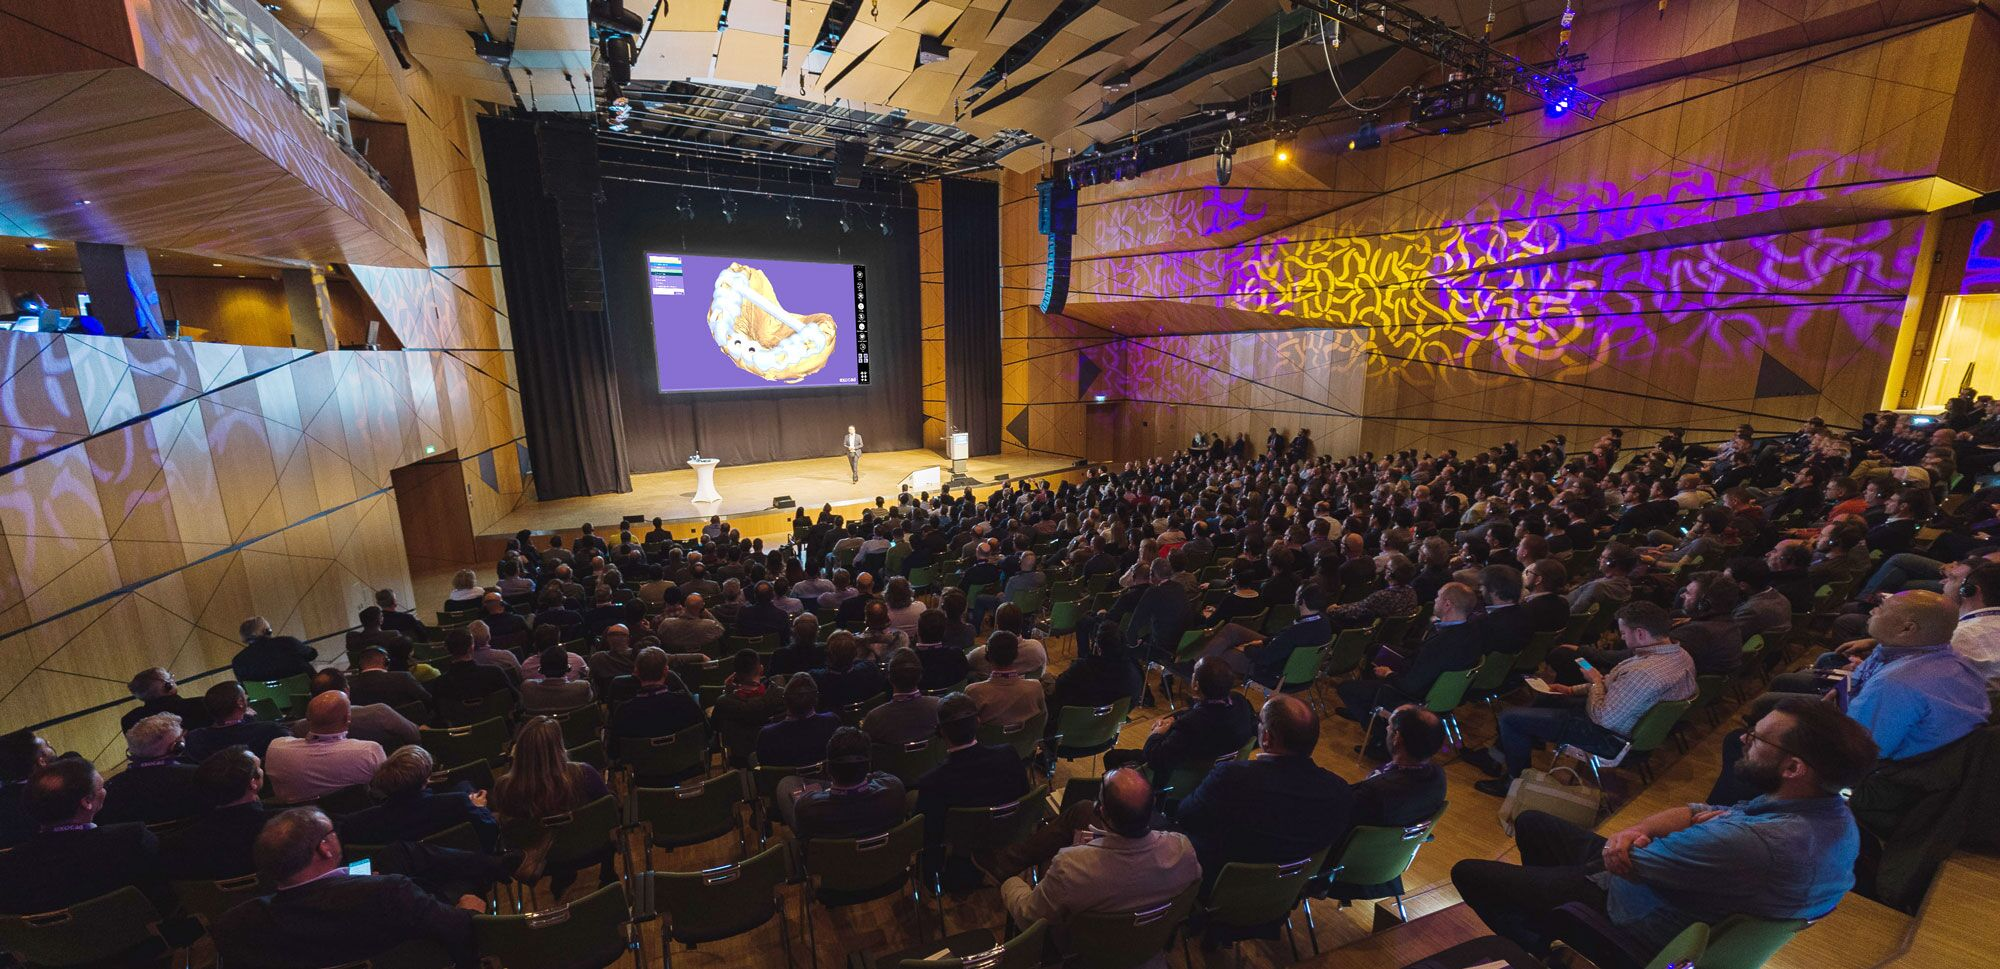 Am 12. und 13. März 2020 veranstaltet exocad zum zweiten Mal das globale Event exocad Insights für Anwender digitaler dentaler Technologien in Laboren und Praxen. Erwartet werden in Darmstadt bis zu 850 Teilnehmer.